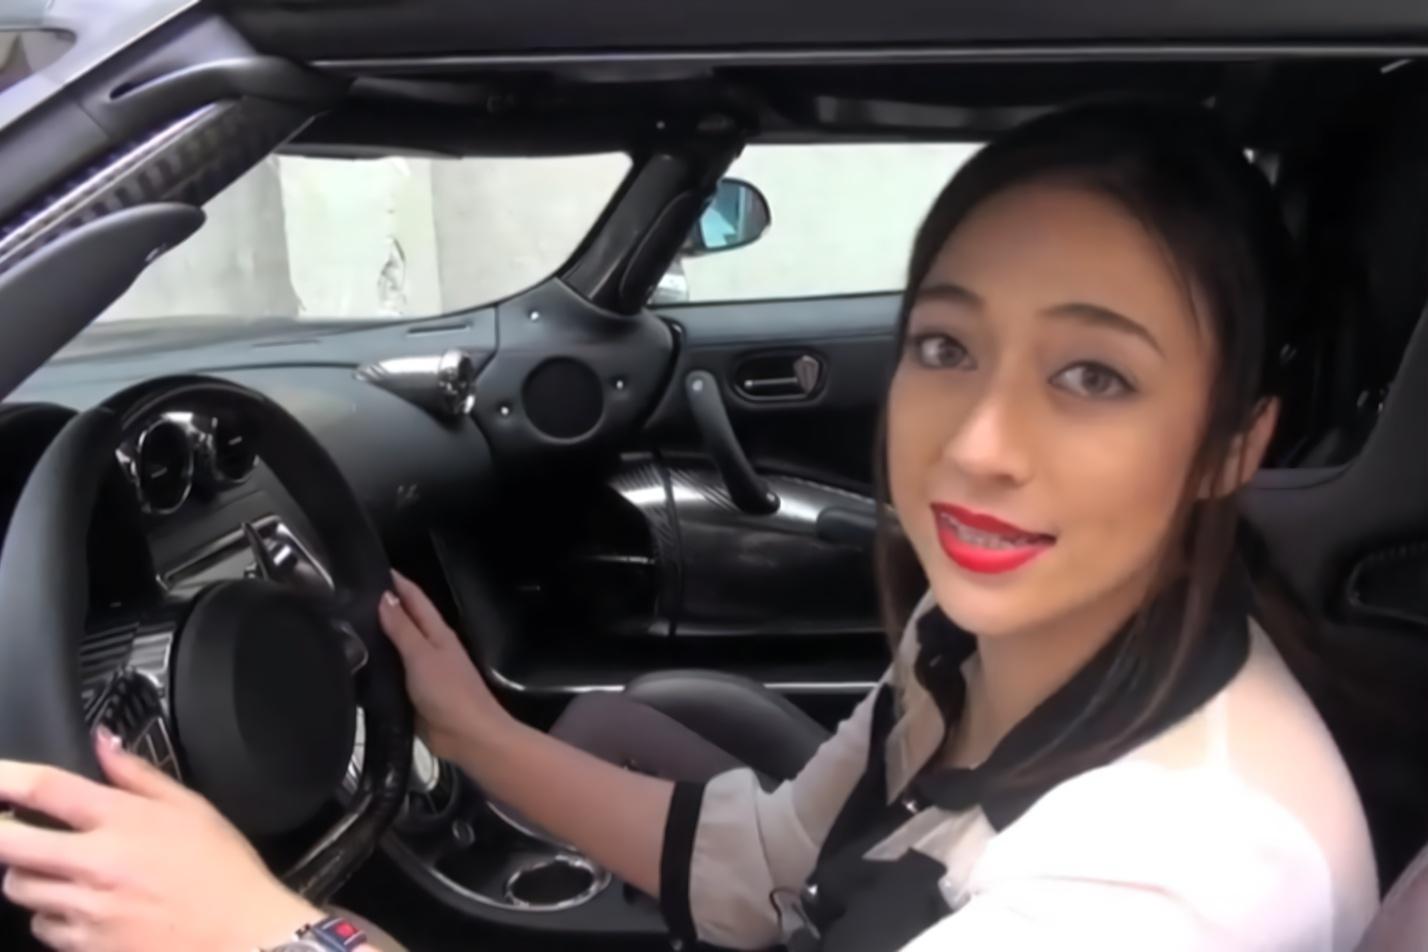 日本小姐姐试驾柯尼塞格,全球限量仅三台,售价3亿日元!